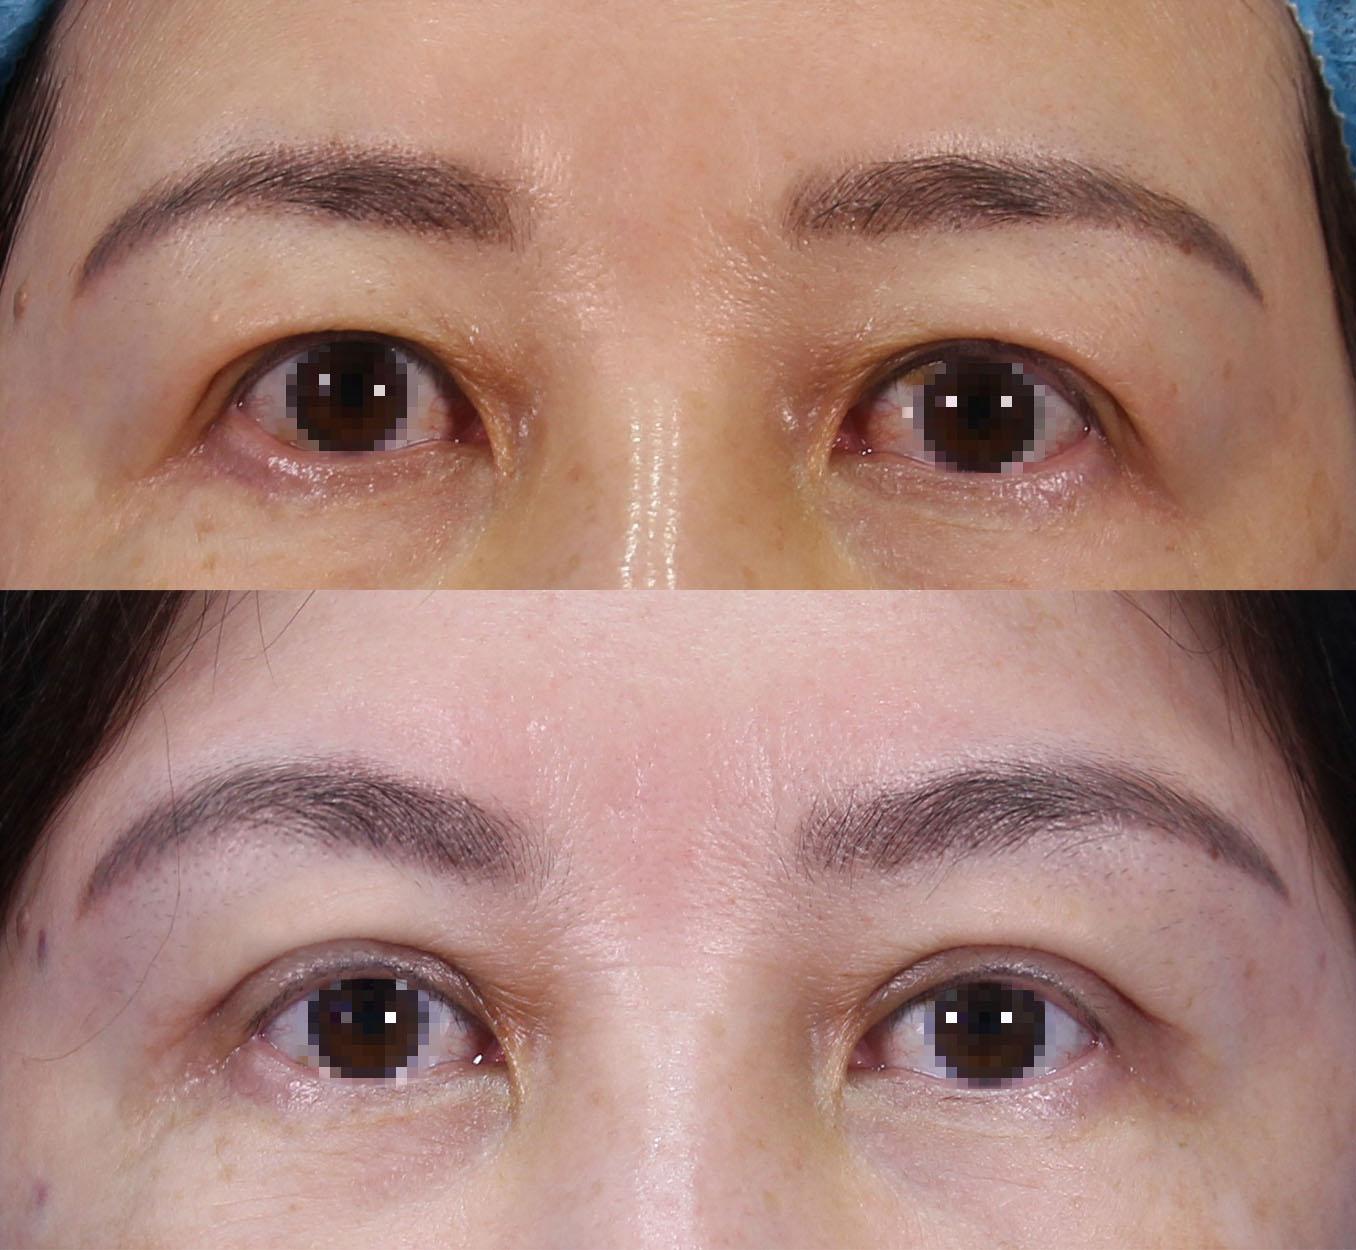 #客人同時接受割雙眼皮和內視鏡提眉來改善眼尾下垂以及泡泡眼問題